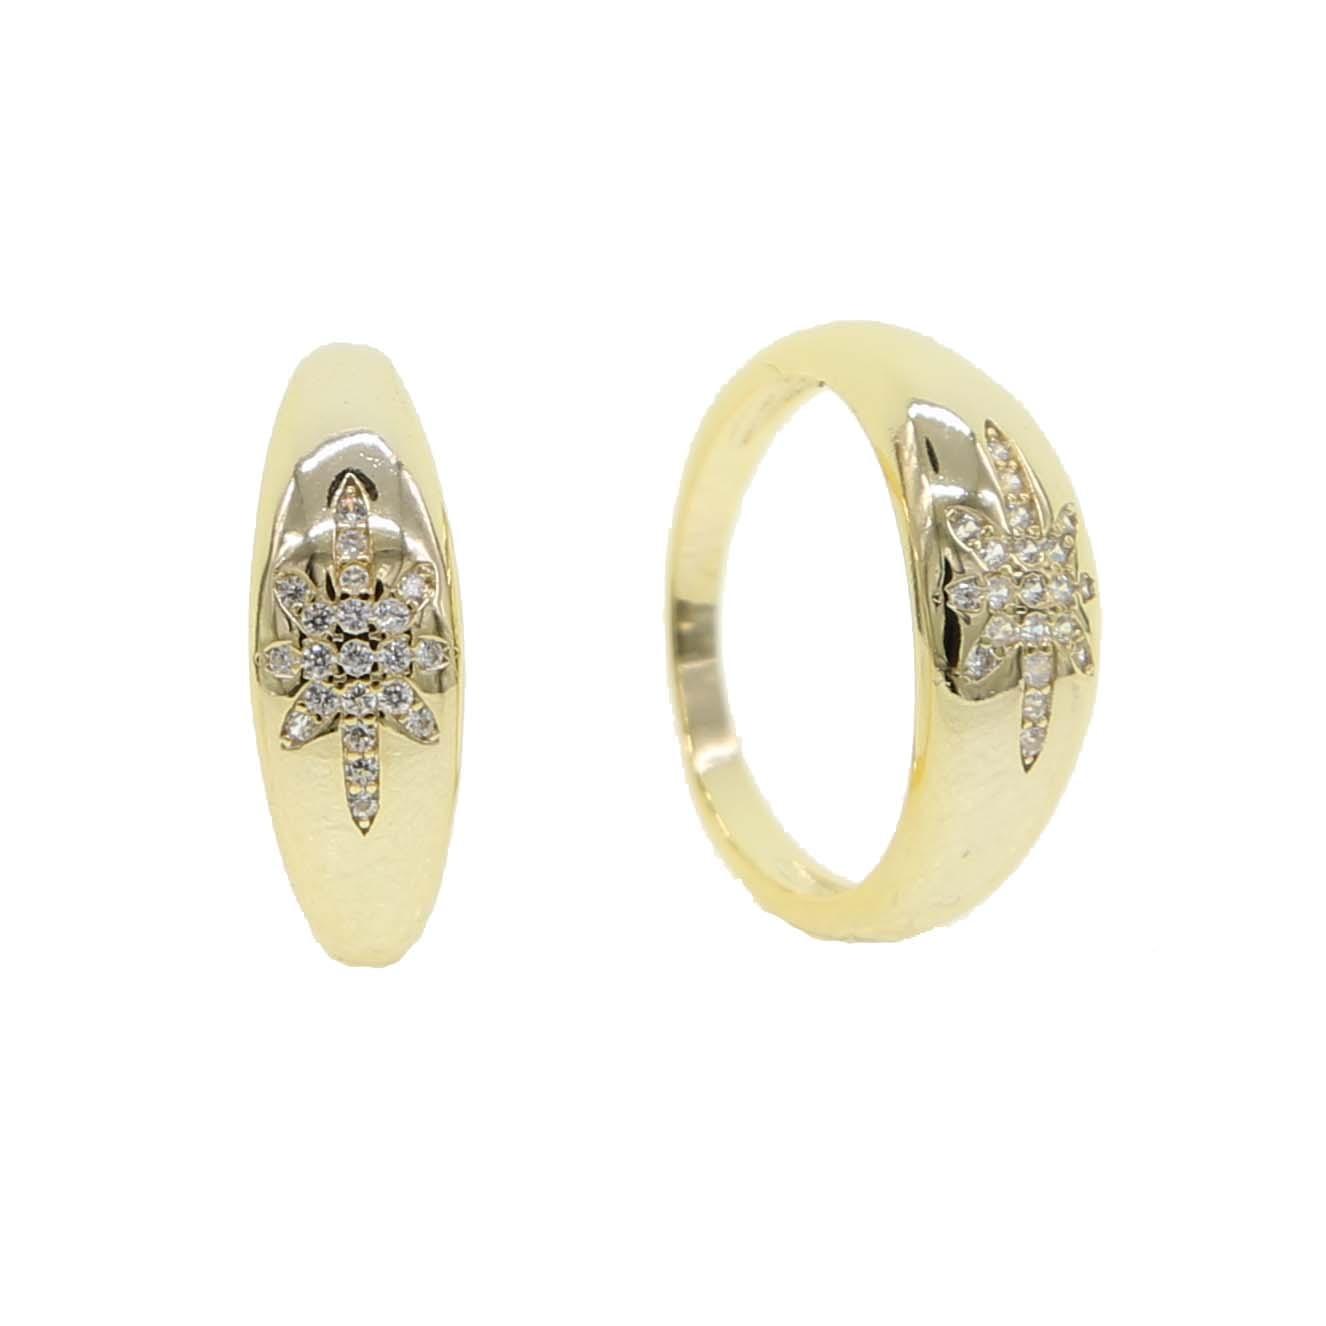 Bonito mulheres de noivado casamento jóias dedo anelar com a Simples North Star starburst ouro Signet anéis da faixa de cor com clear CZ